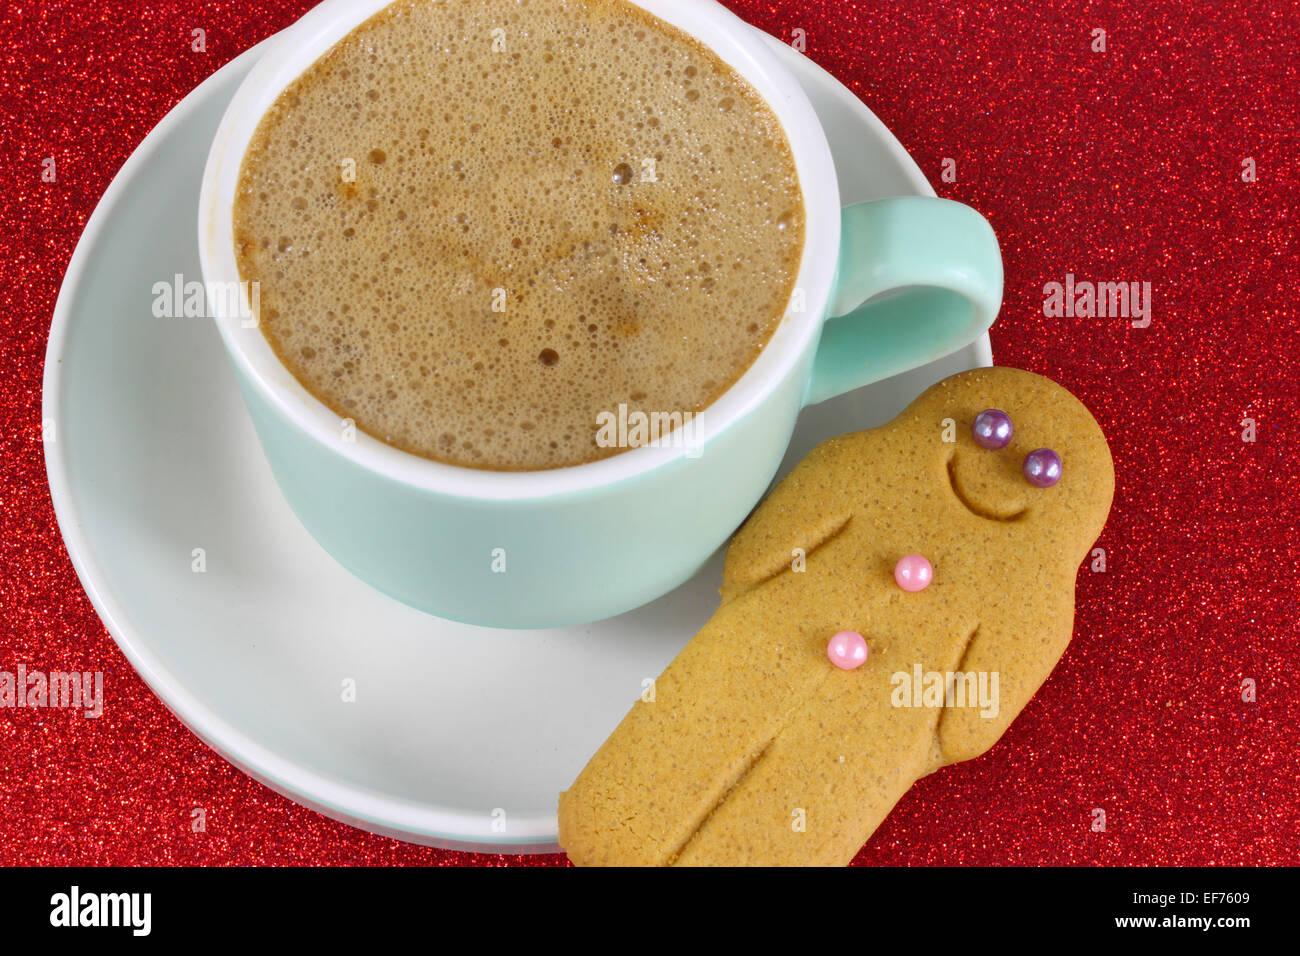 Weihnachten-Kaffee und Lebkuchen Mann auf rot Glitter-Hintergrund. Hautnah. Stockbild